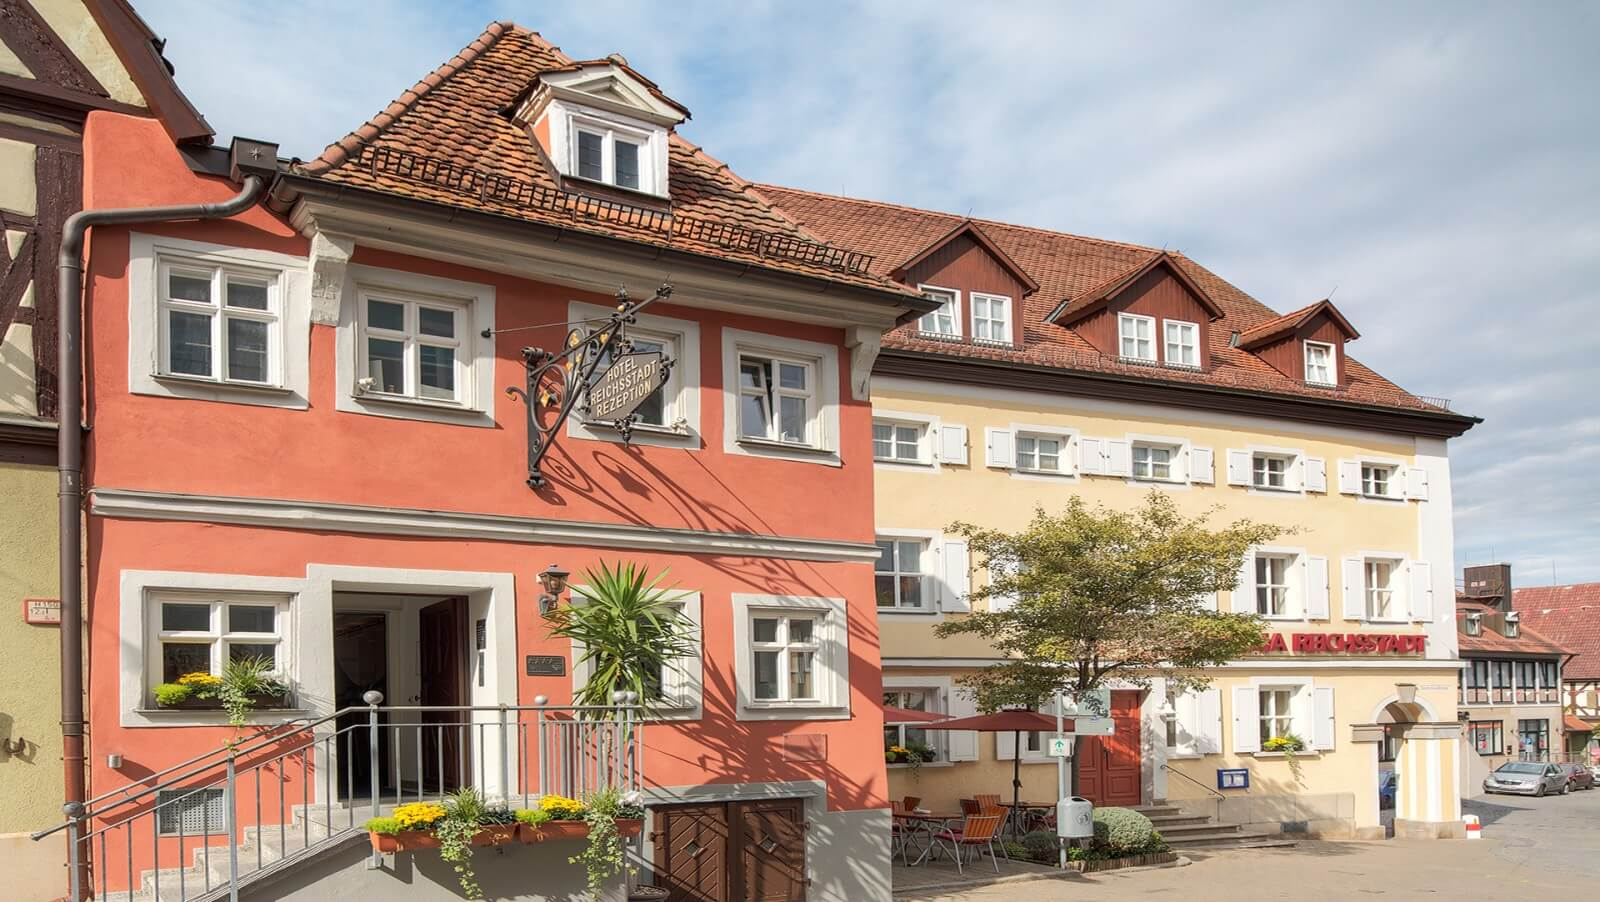 Full Size of Hotel Bad Windsheim Orb Lampen Urach Badezimmer Hochschrank Ferienwohnung Füssing Erneuern Wellnesshotel Wörishofen Lampe Holzregal Hotels In Schandau Bad Hotel Bad Windsheim